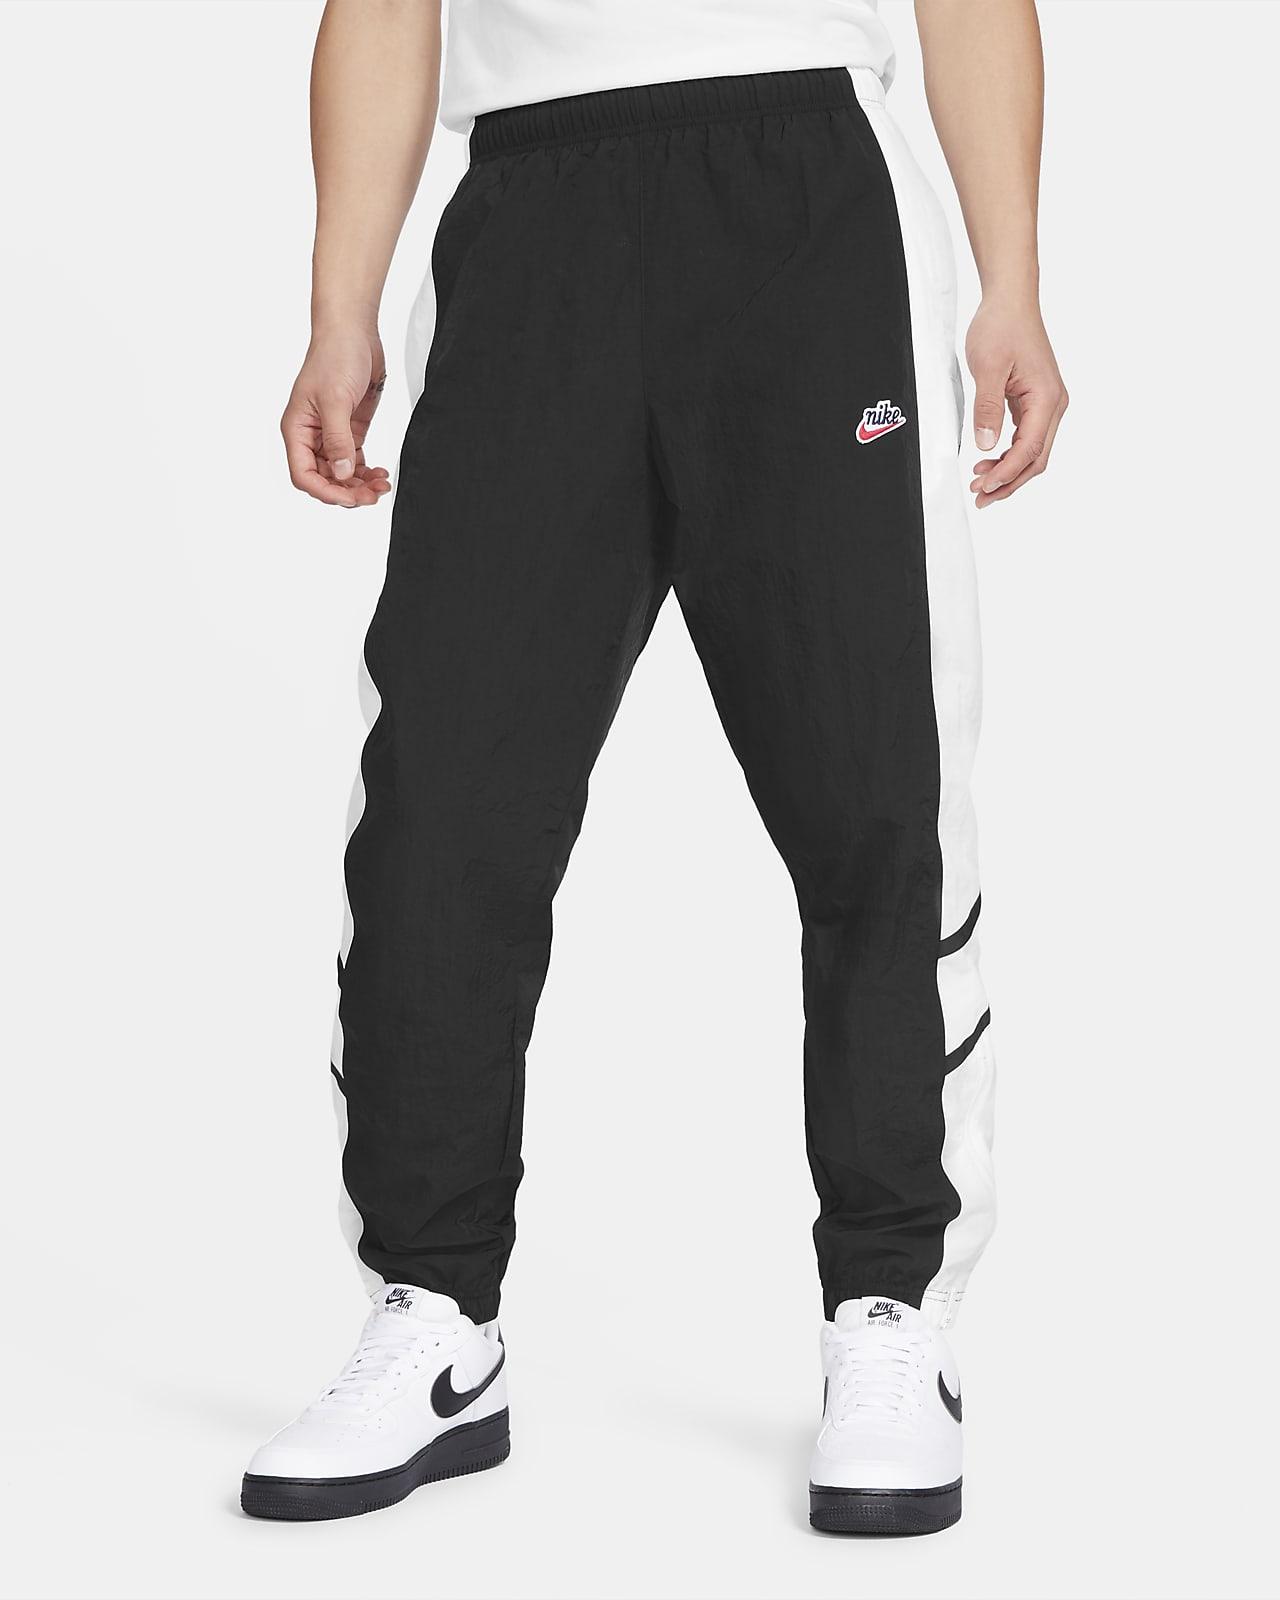 Nike Sportswear Heritage Windrunner Men's Woven Pants